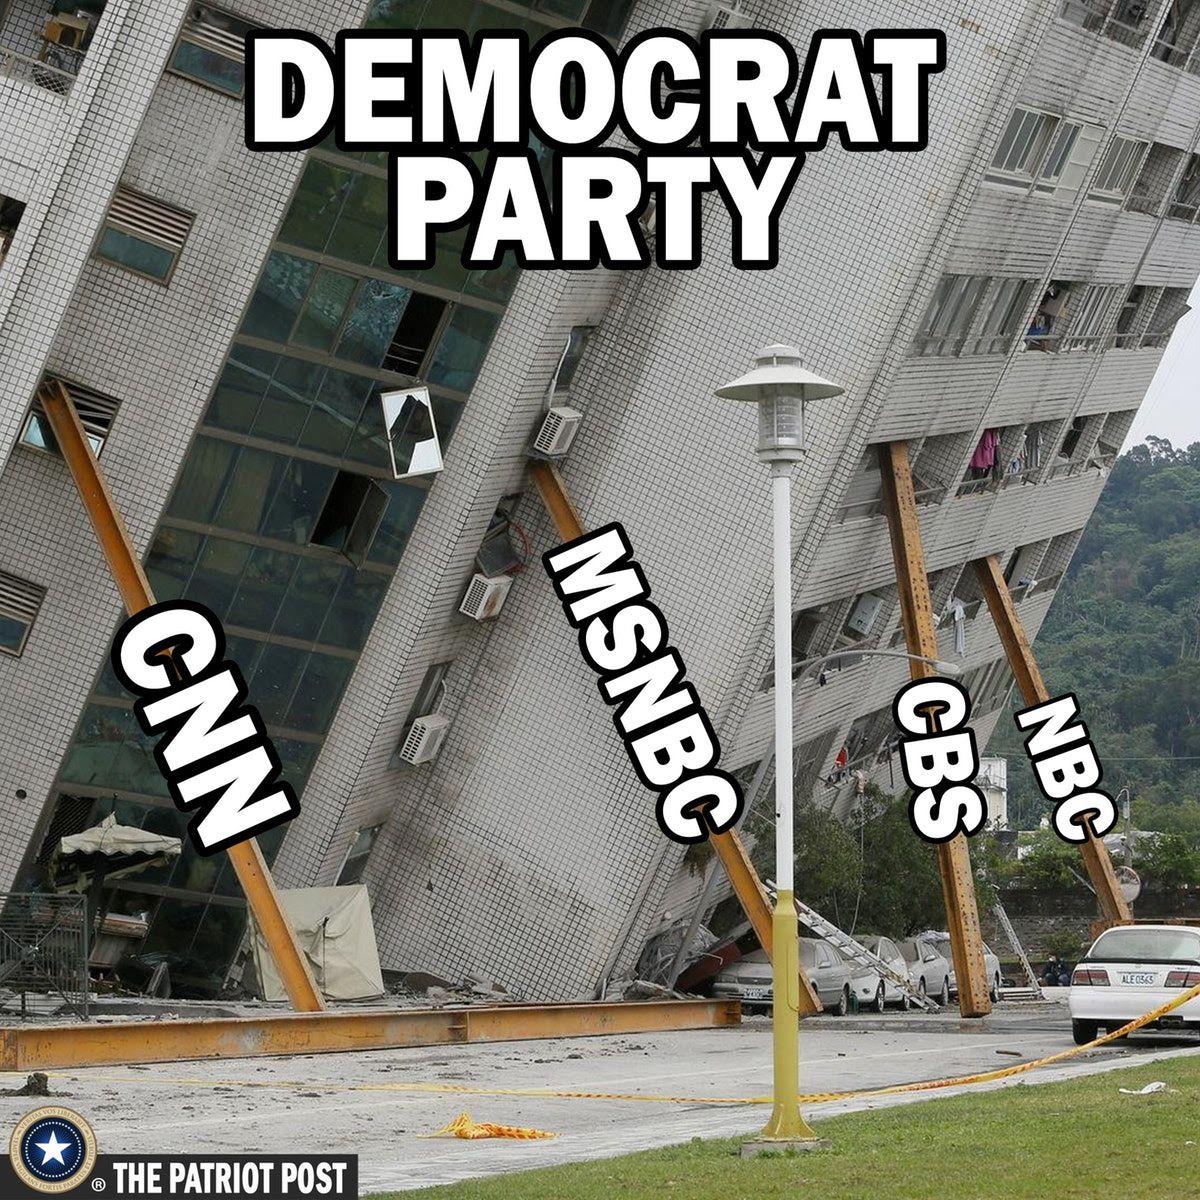 Democrats cnn msnbc nbc cbs